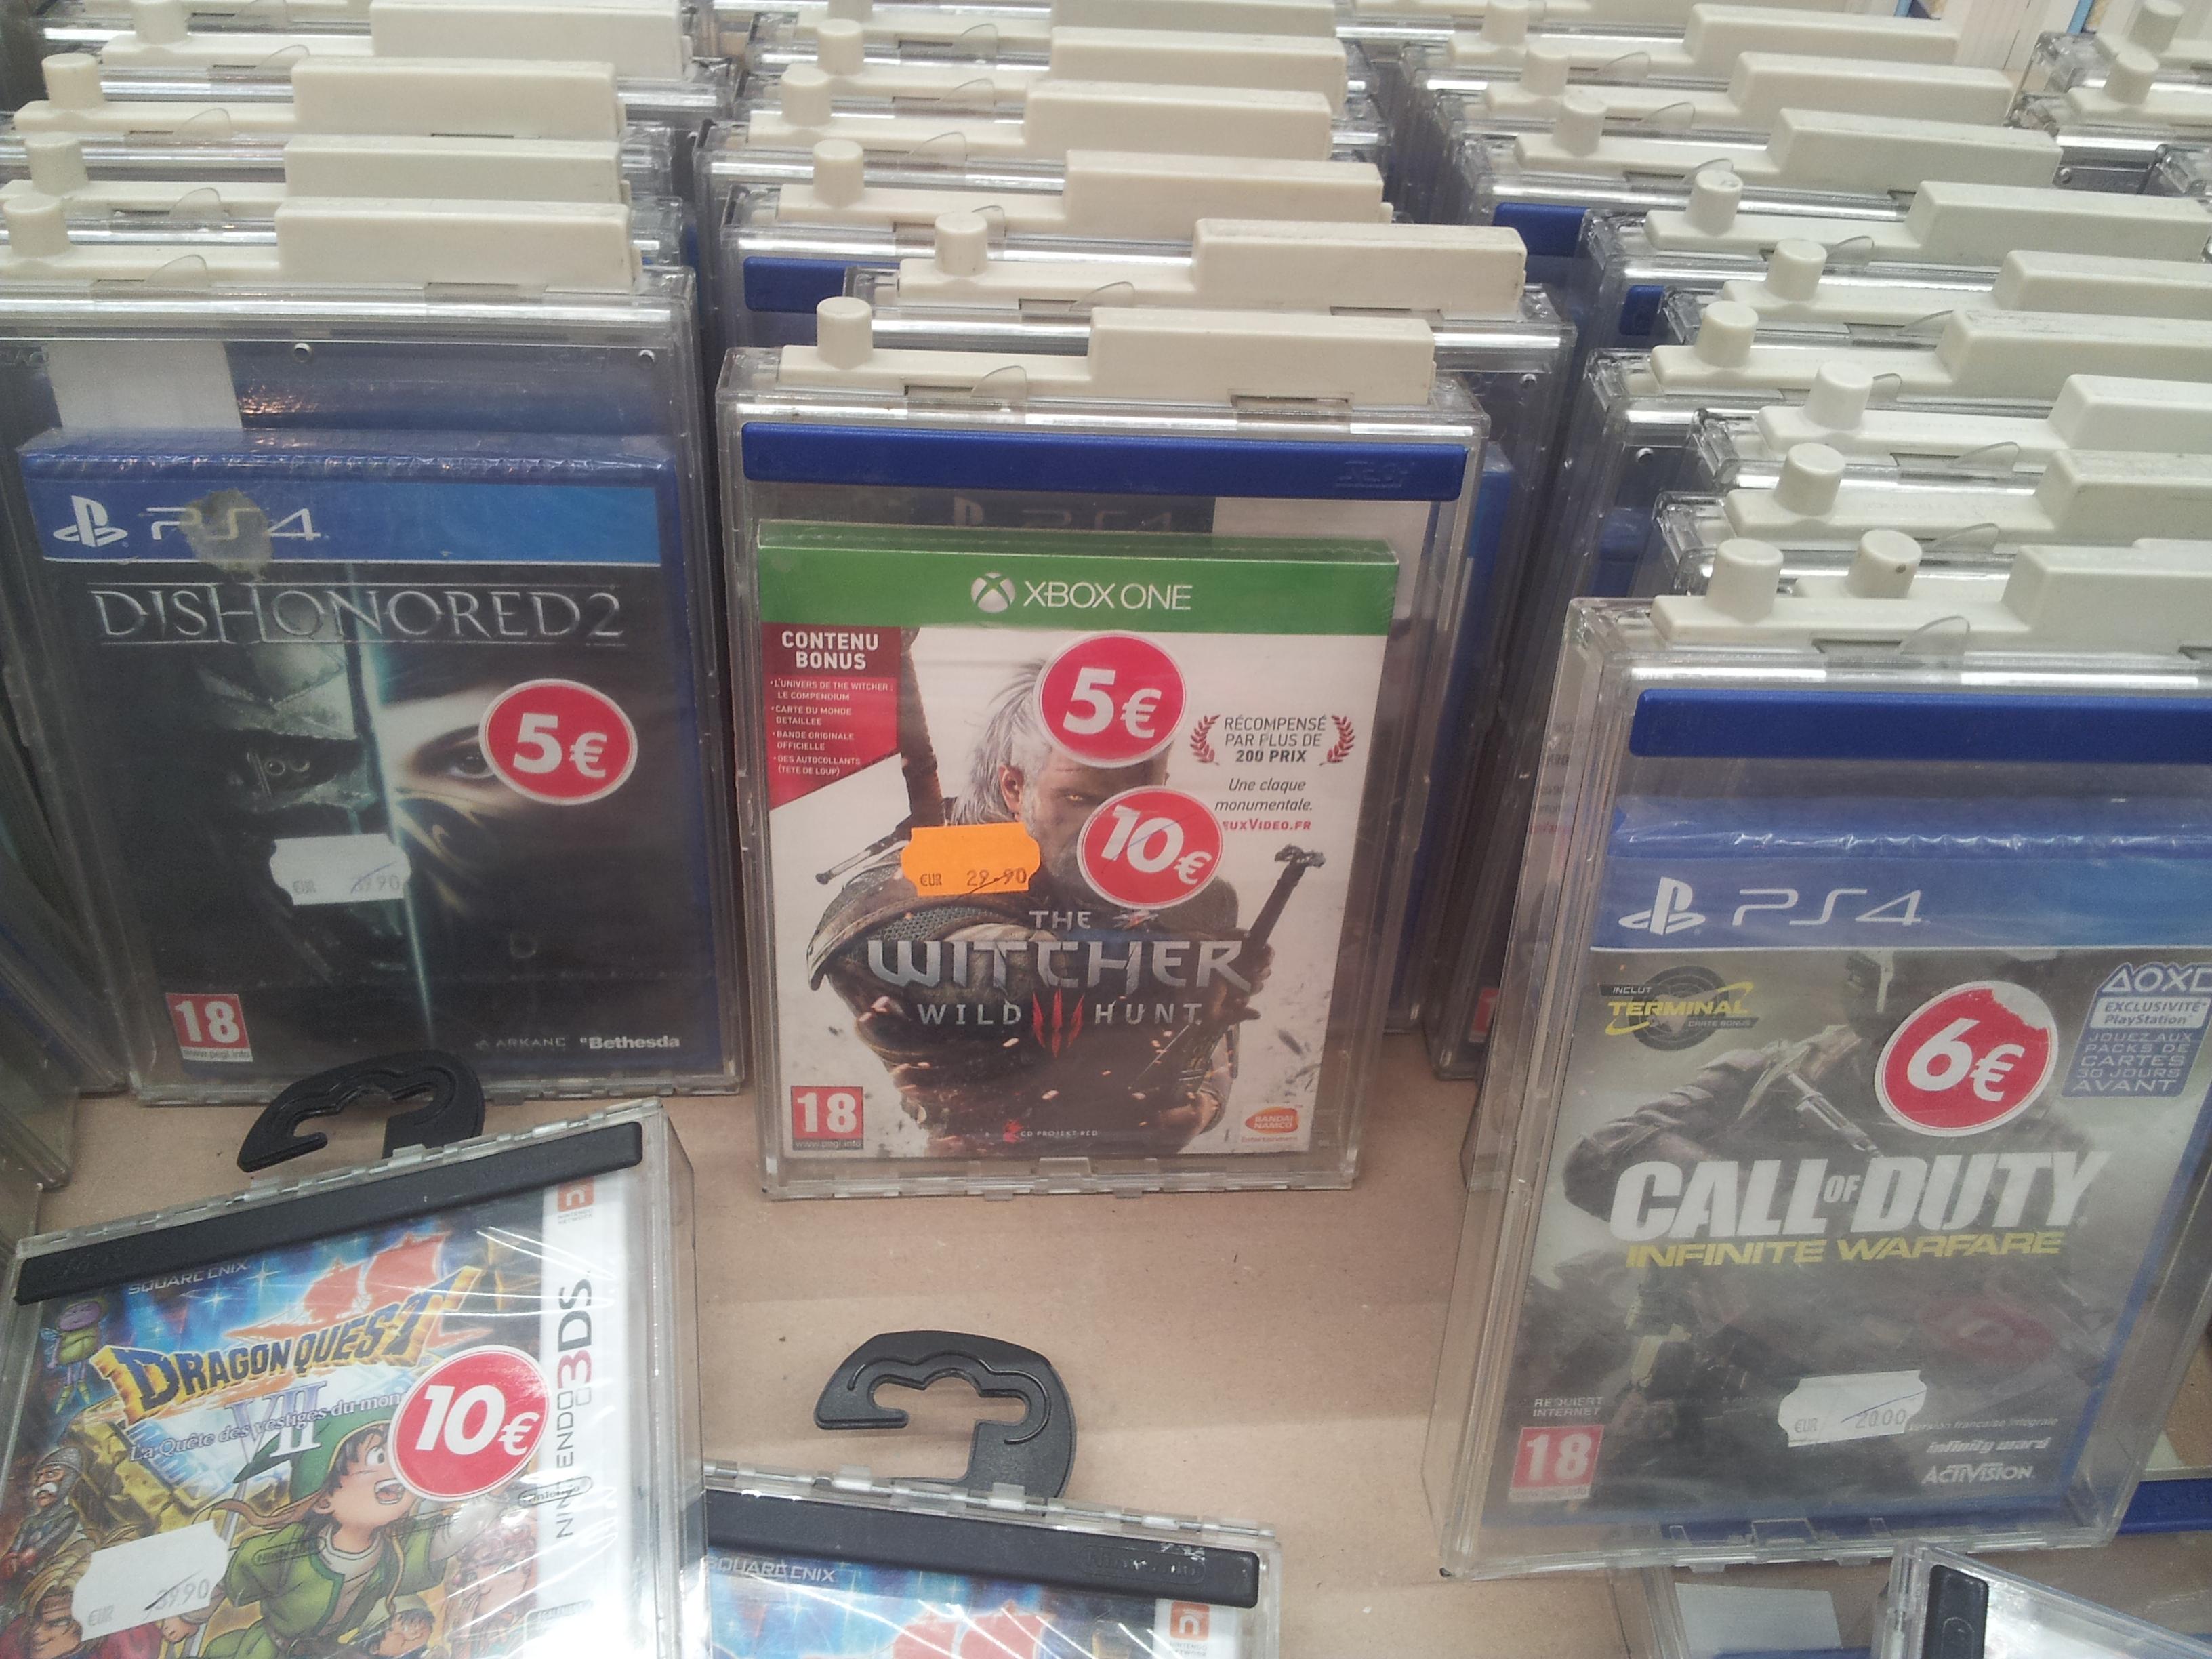 Sélection de jeux en promotion - Ex : The Witcher 3 a 5€, Dragon Quest VII a 10€ - Limay (78)